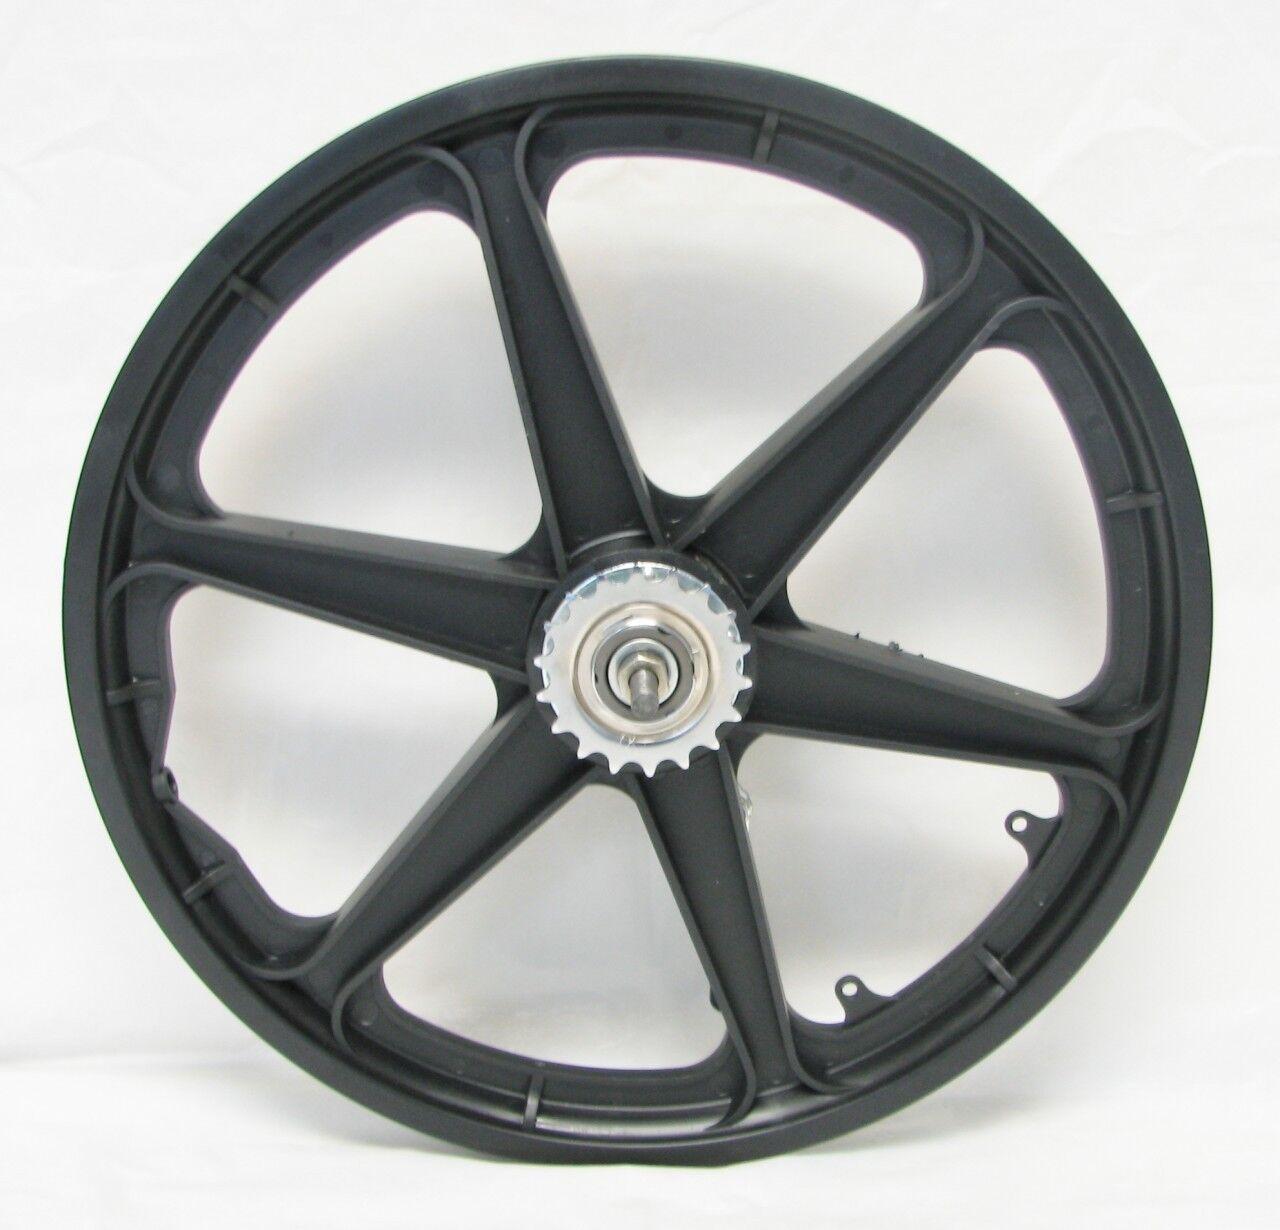 20  Rear Wheel MAG PLASTIC 6-SPOKE Coaster Brake Cruiser Lowrider BMX Bicycle